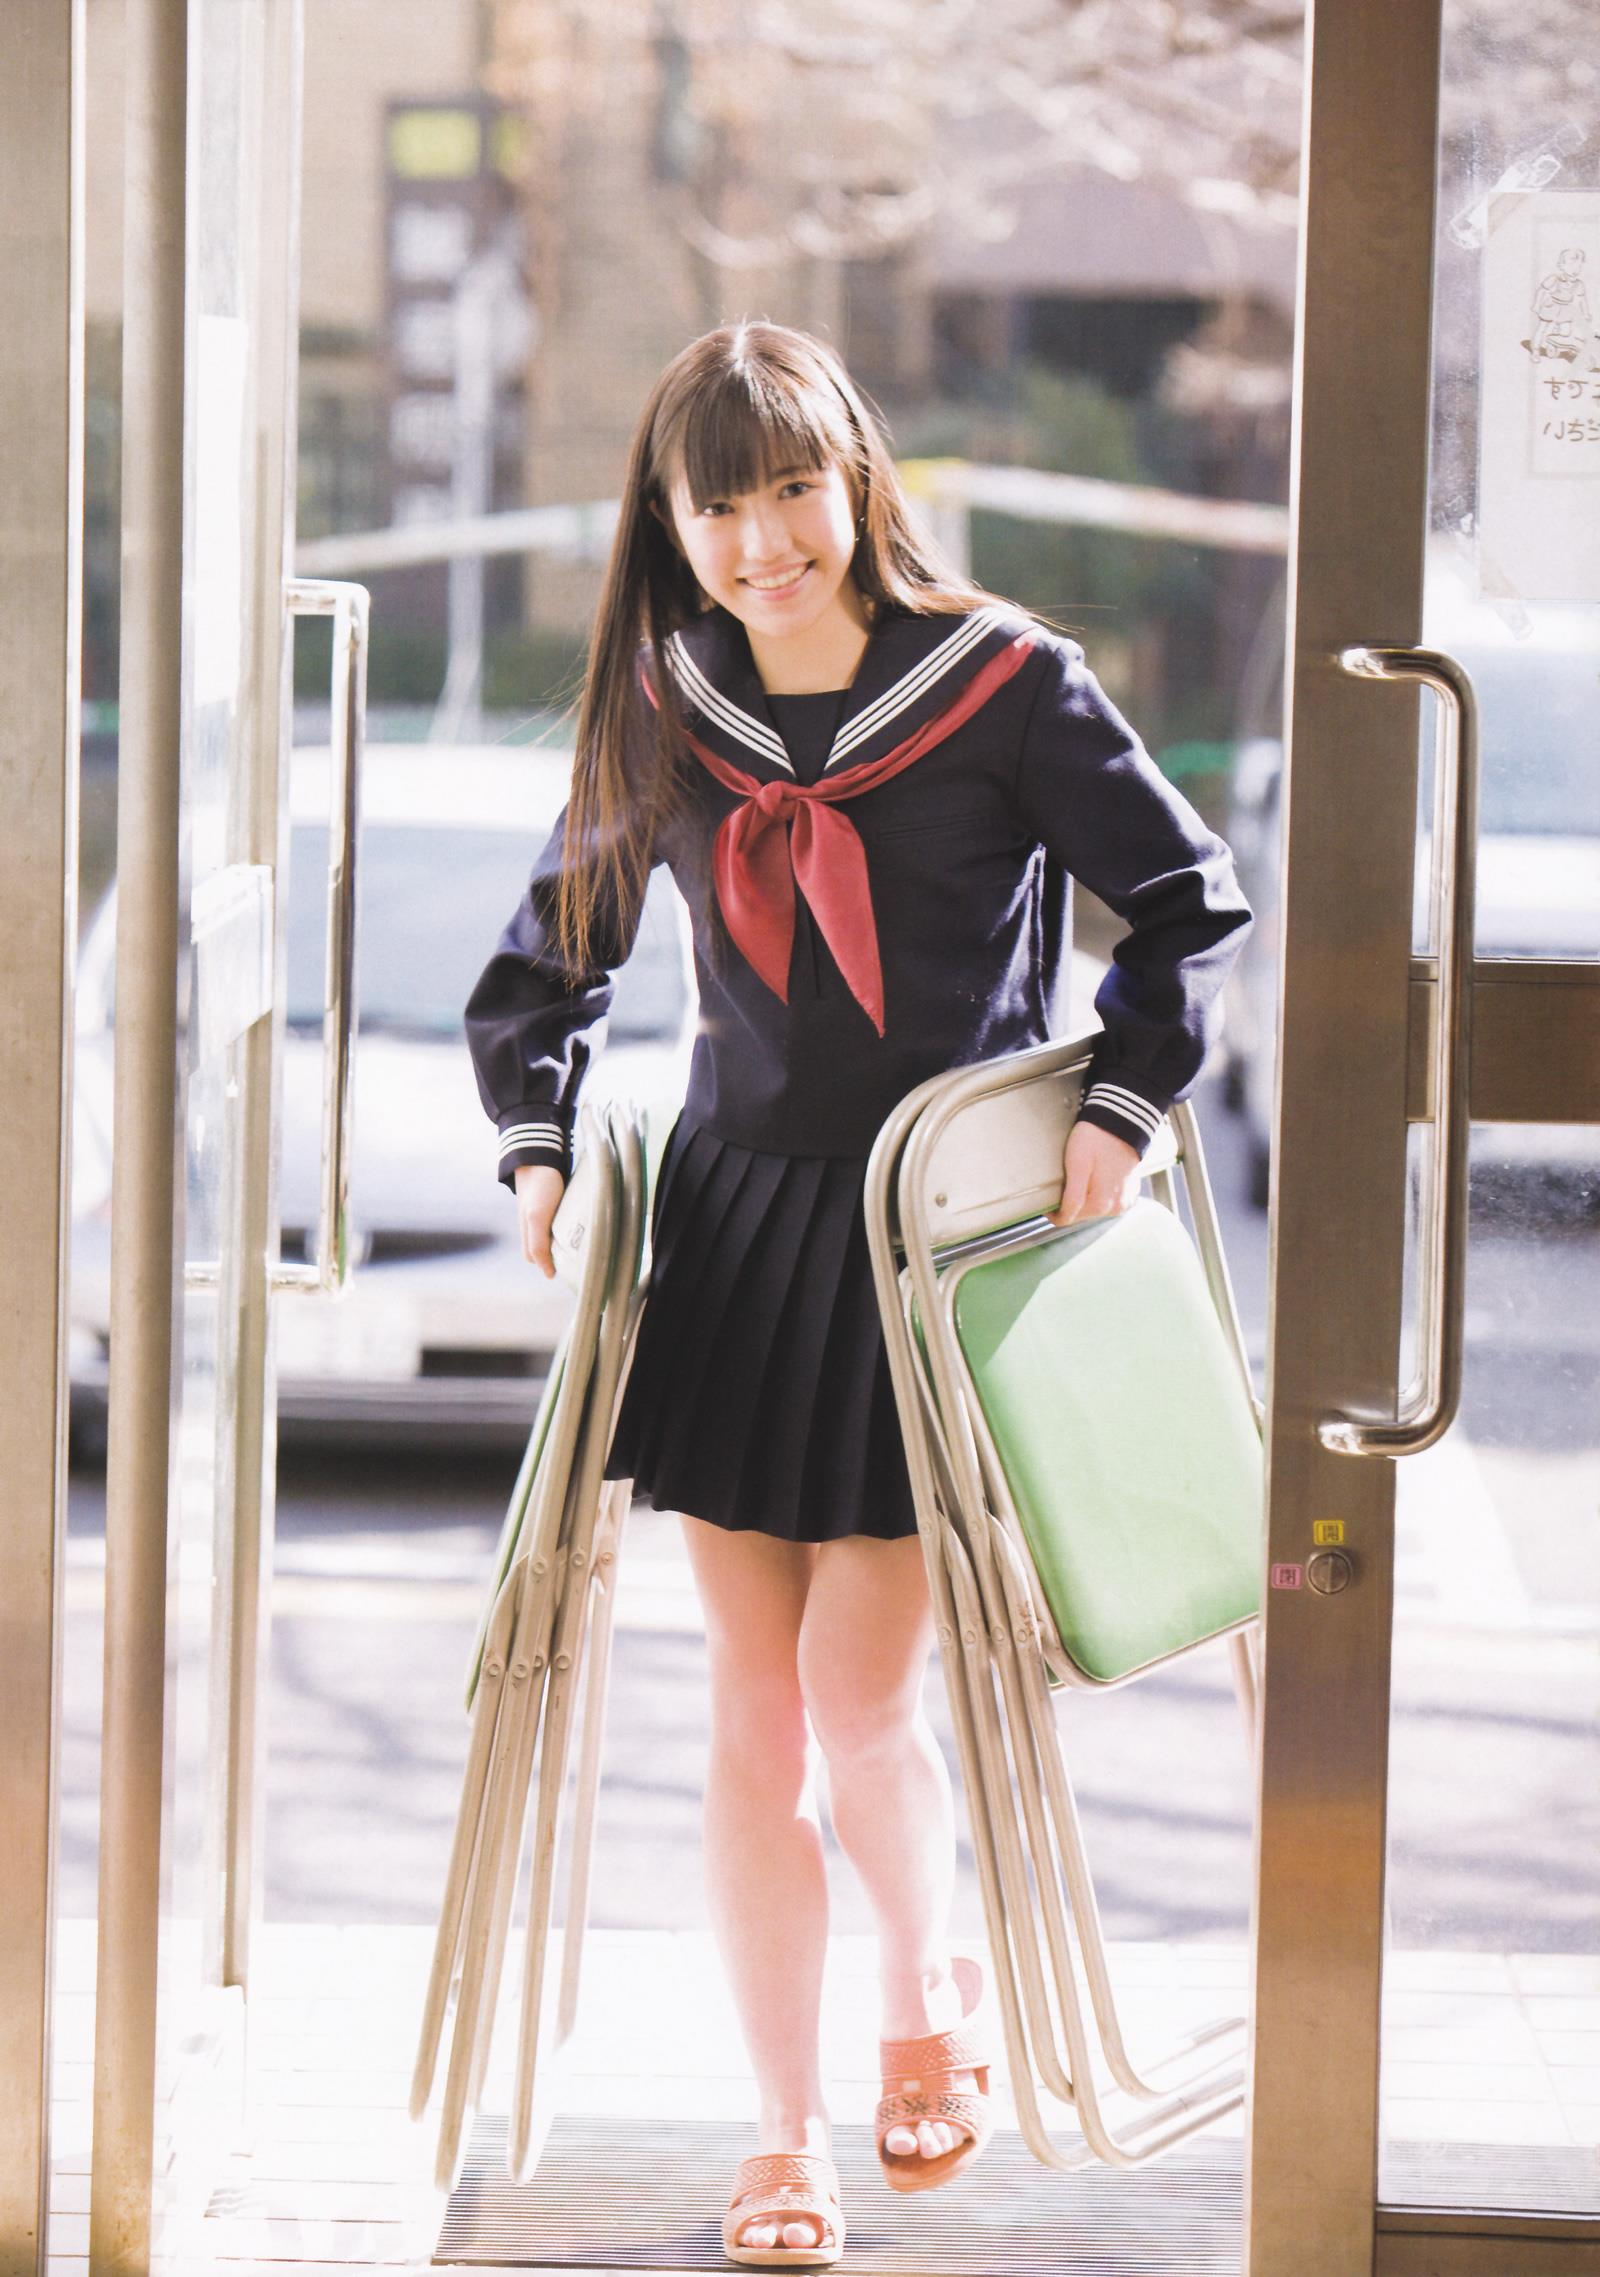 渡辺麻友 写真集「まゆゆ」 画像 11